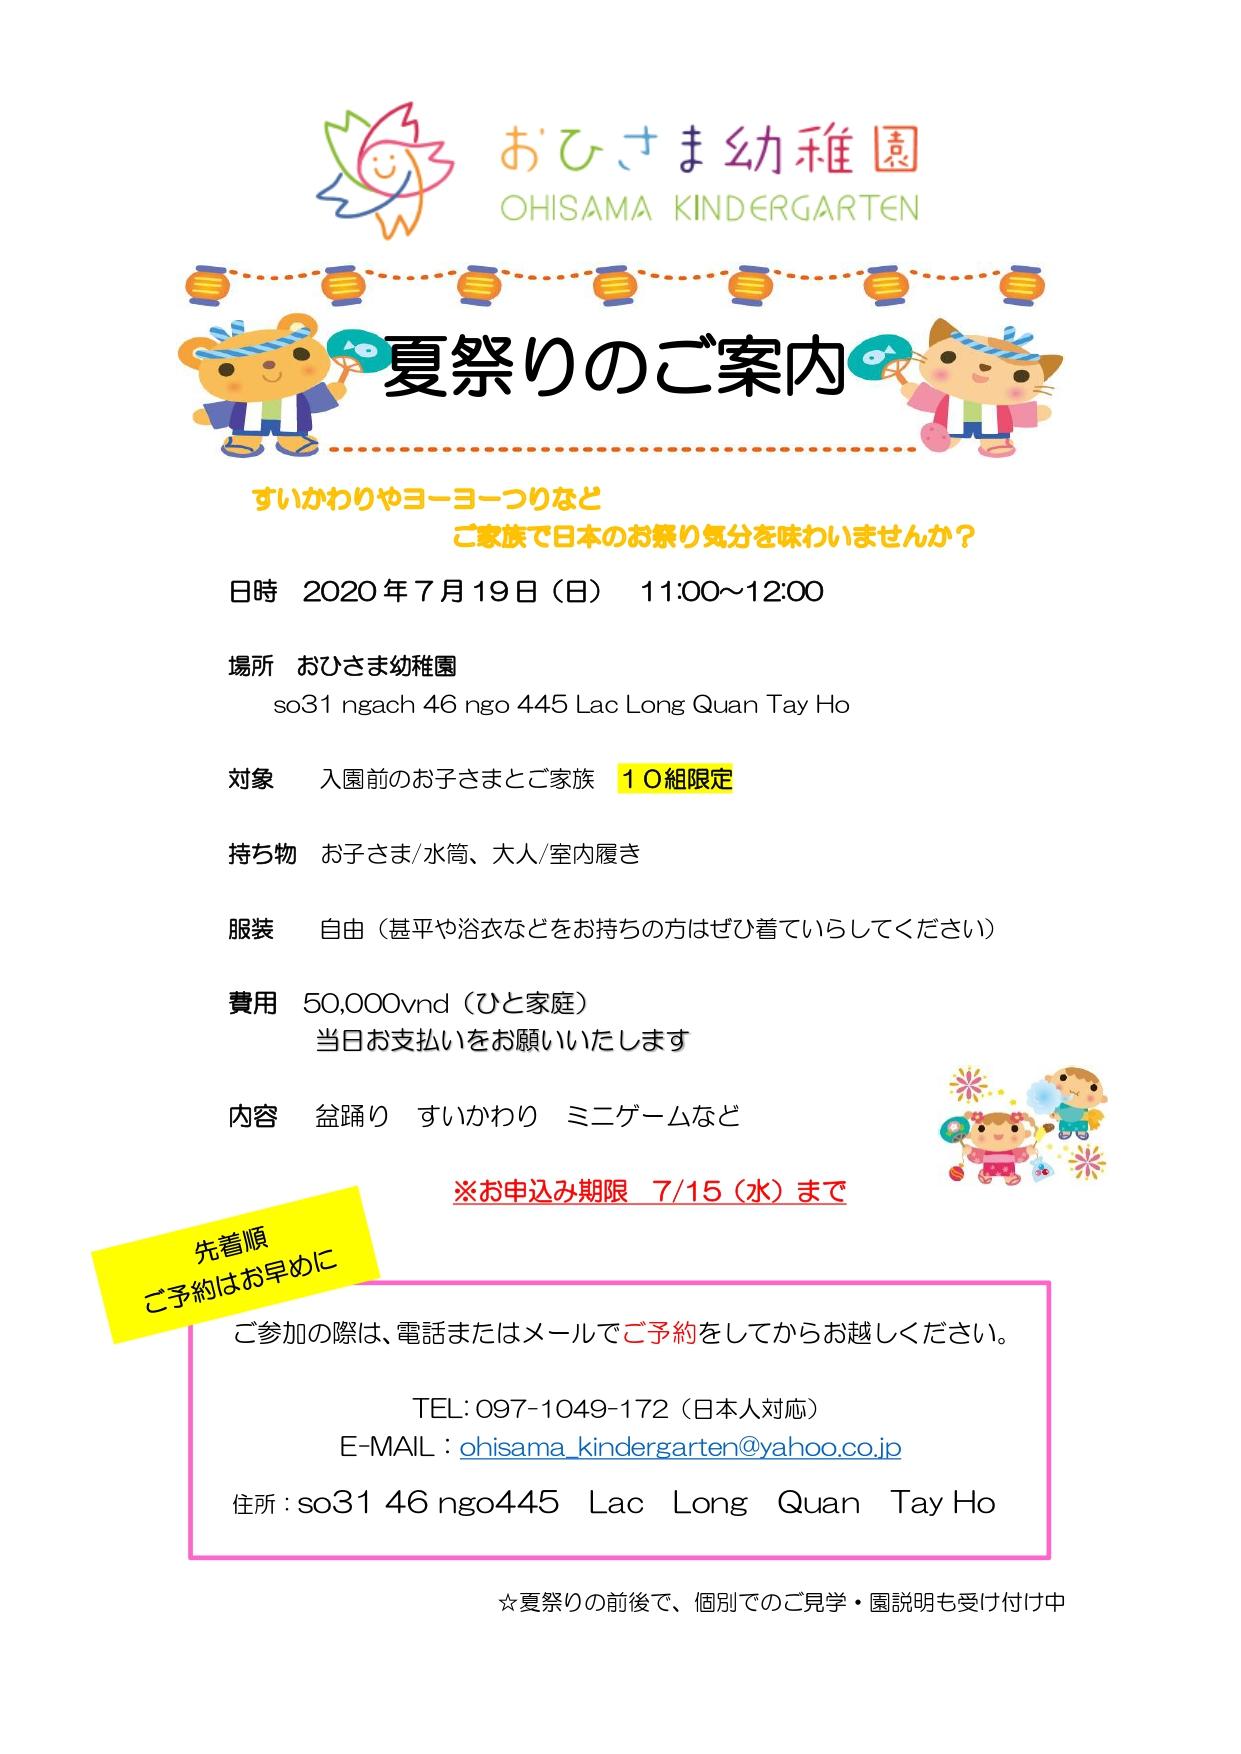 202007夏祭り案内_page-00001